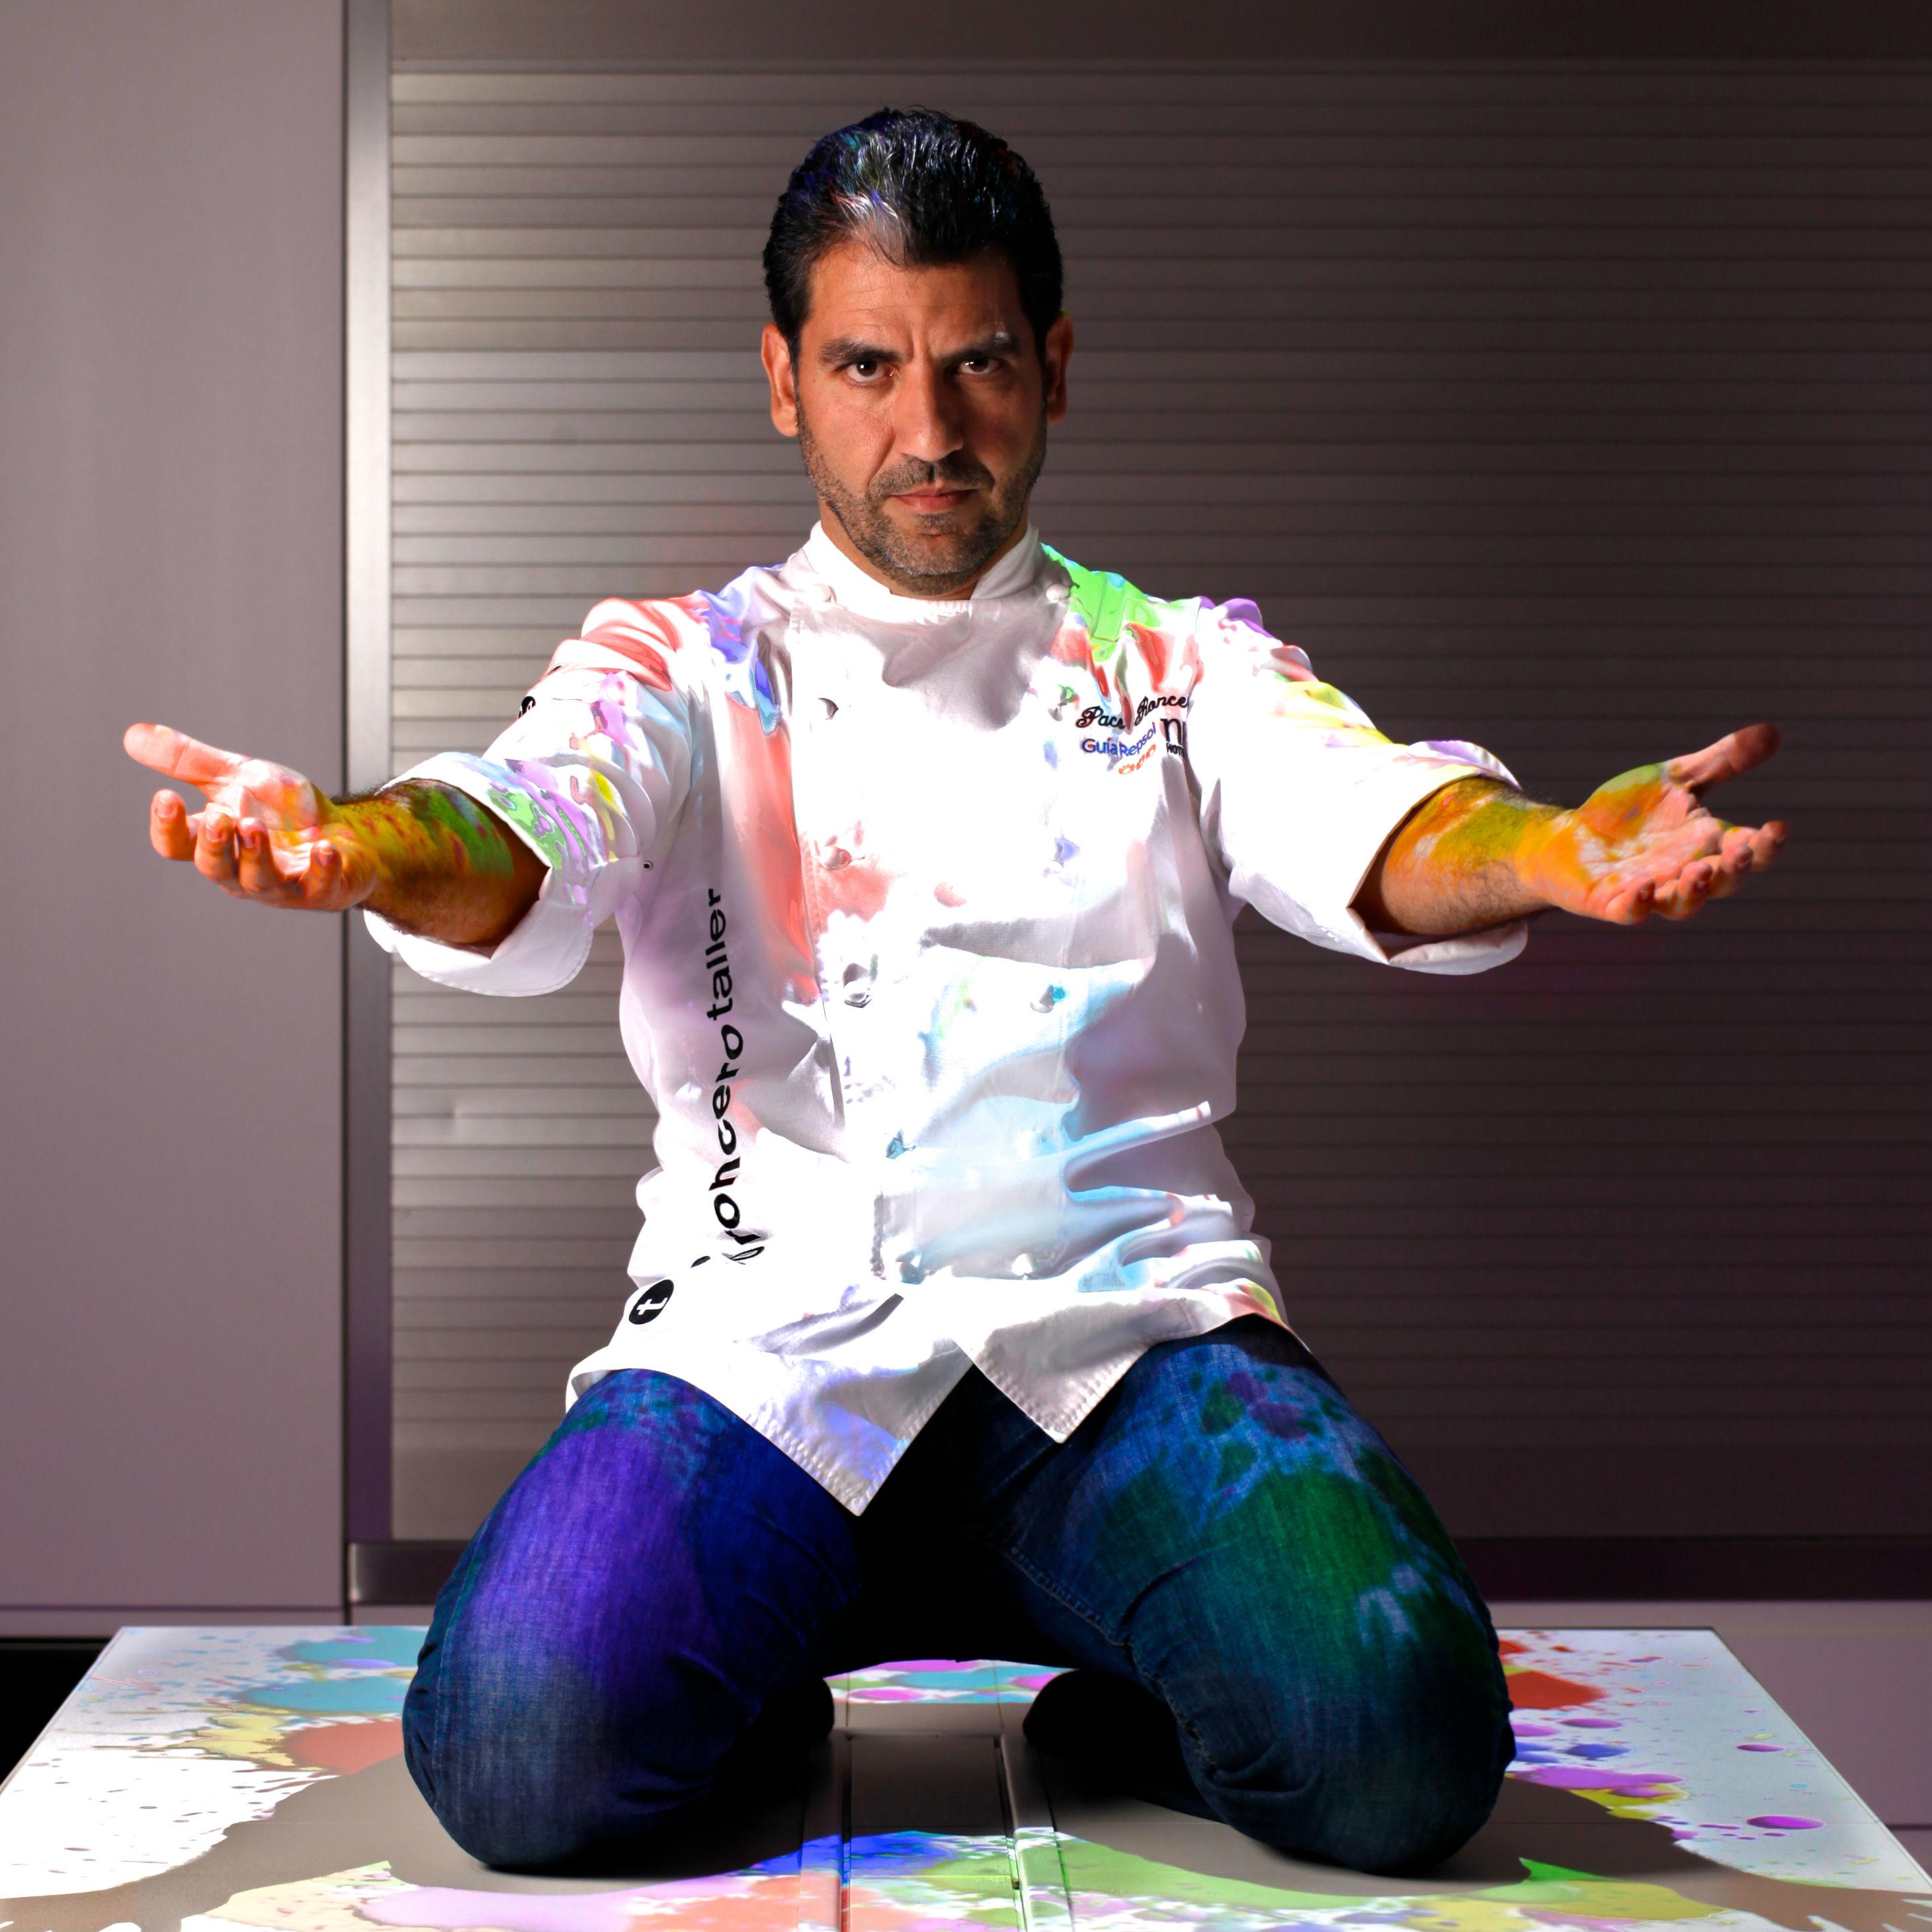 Entrevista a paco roncero dos estrellas michelin - Escuela de cocina paco amor ...